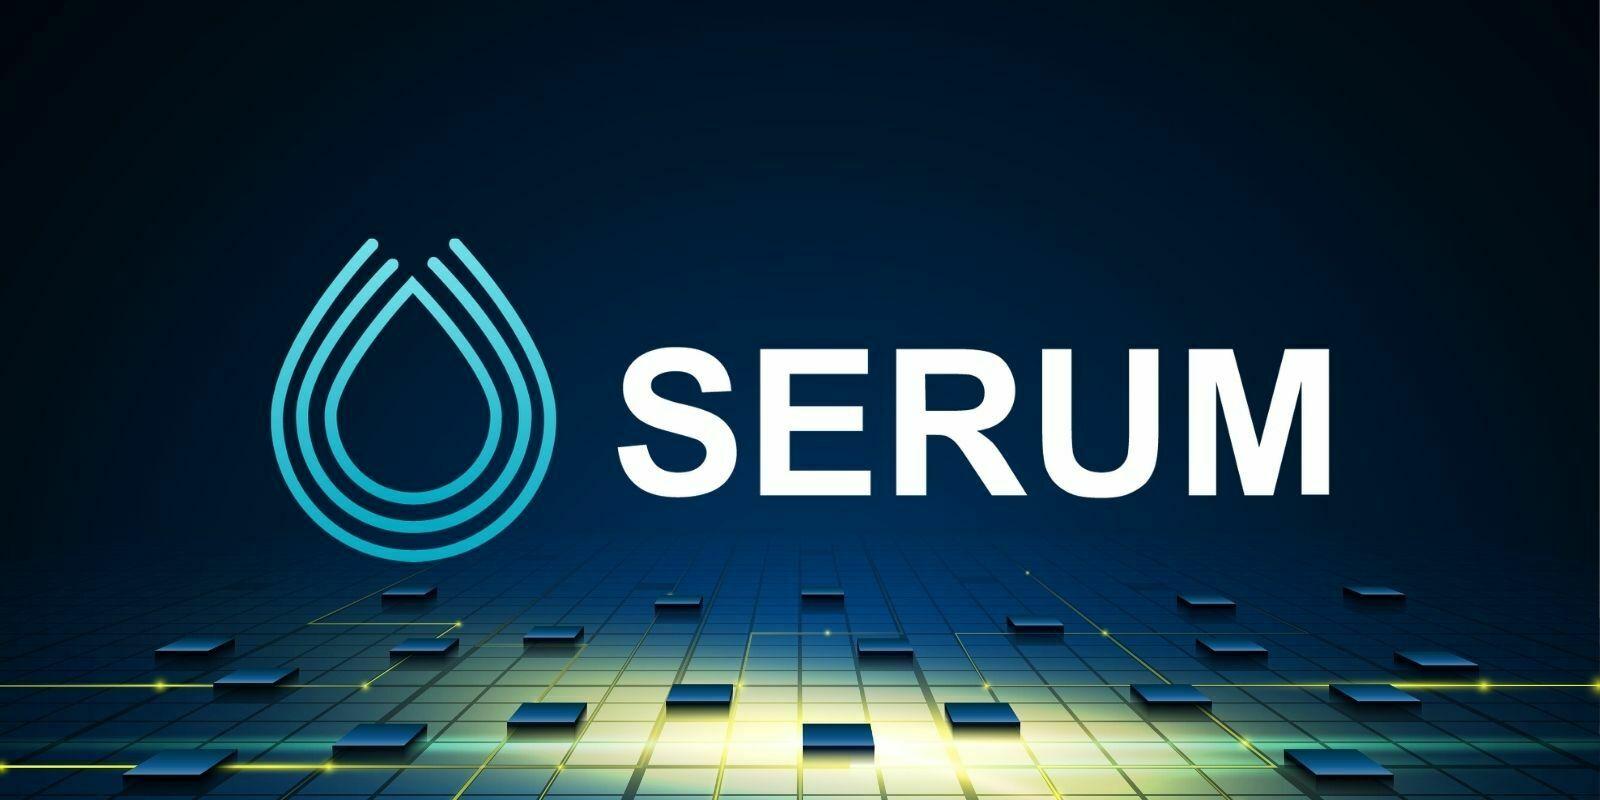 Serum (SRM) - Un exchange décentralisé qui mise sur l'interopérabilité